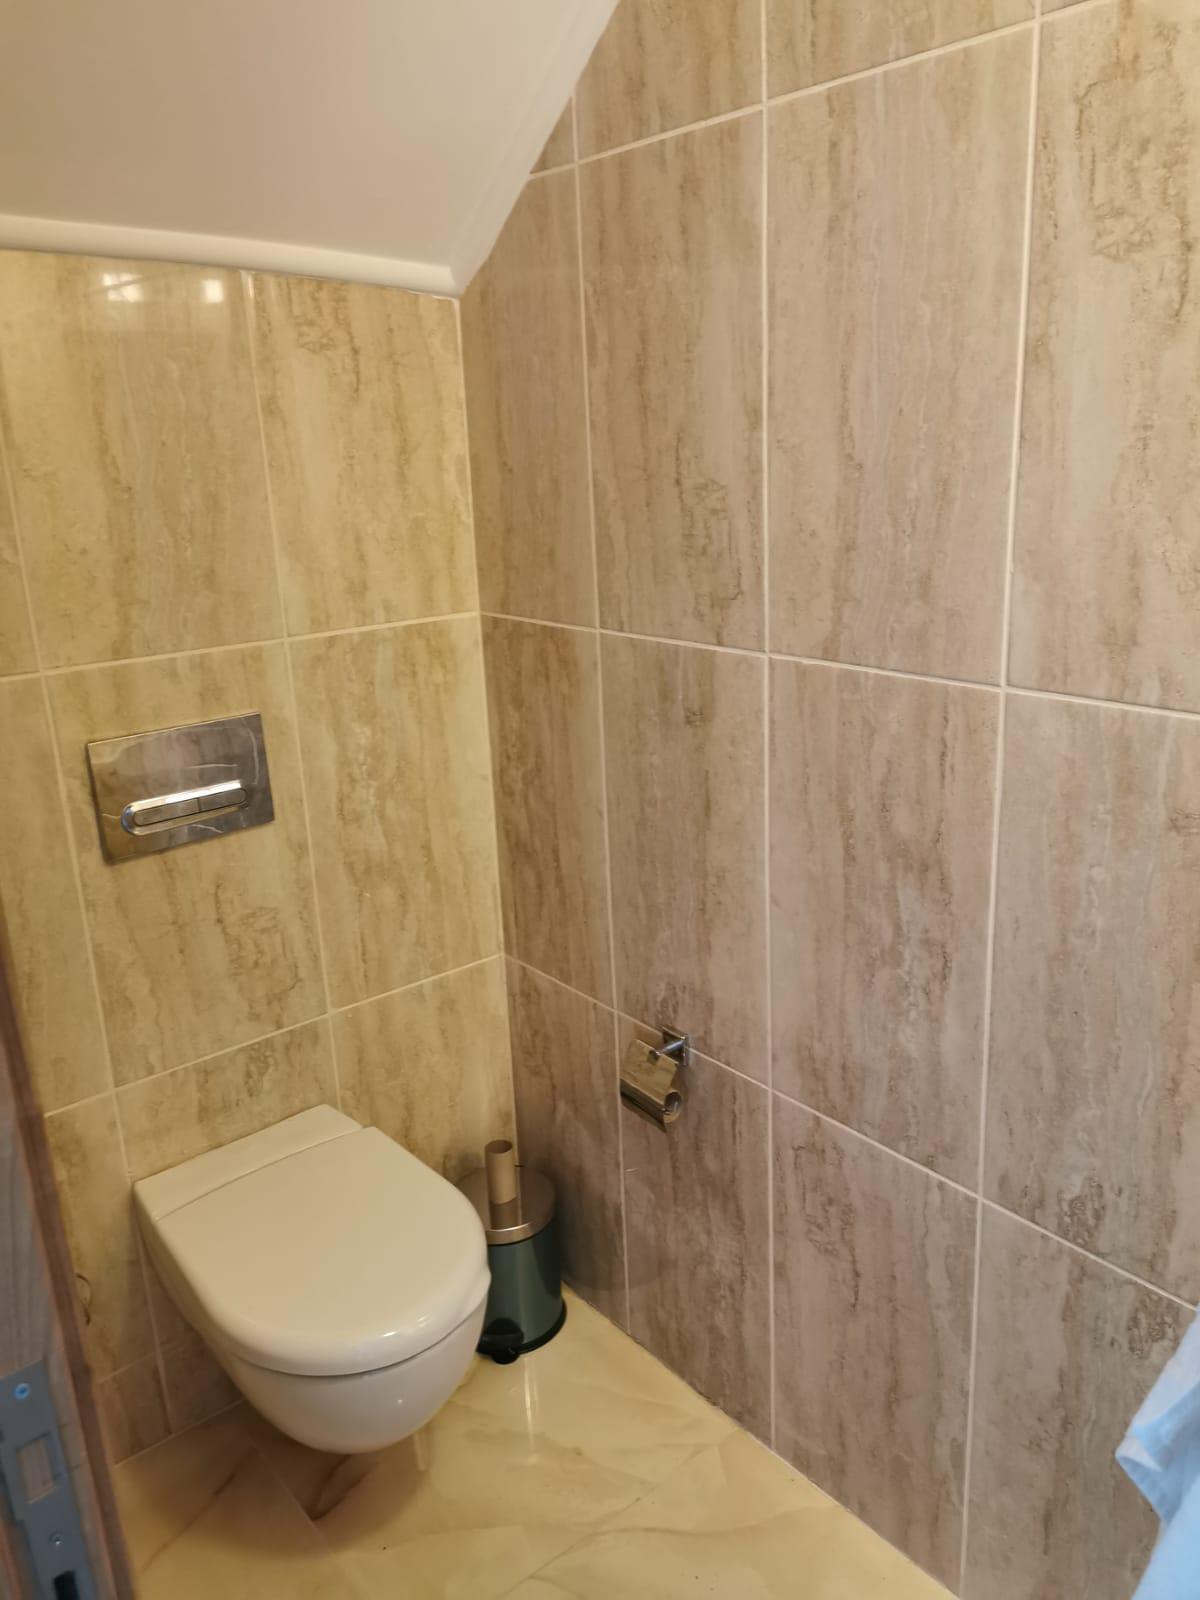 v841 toilet